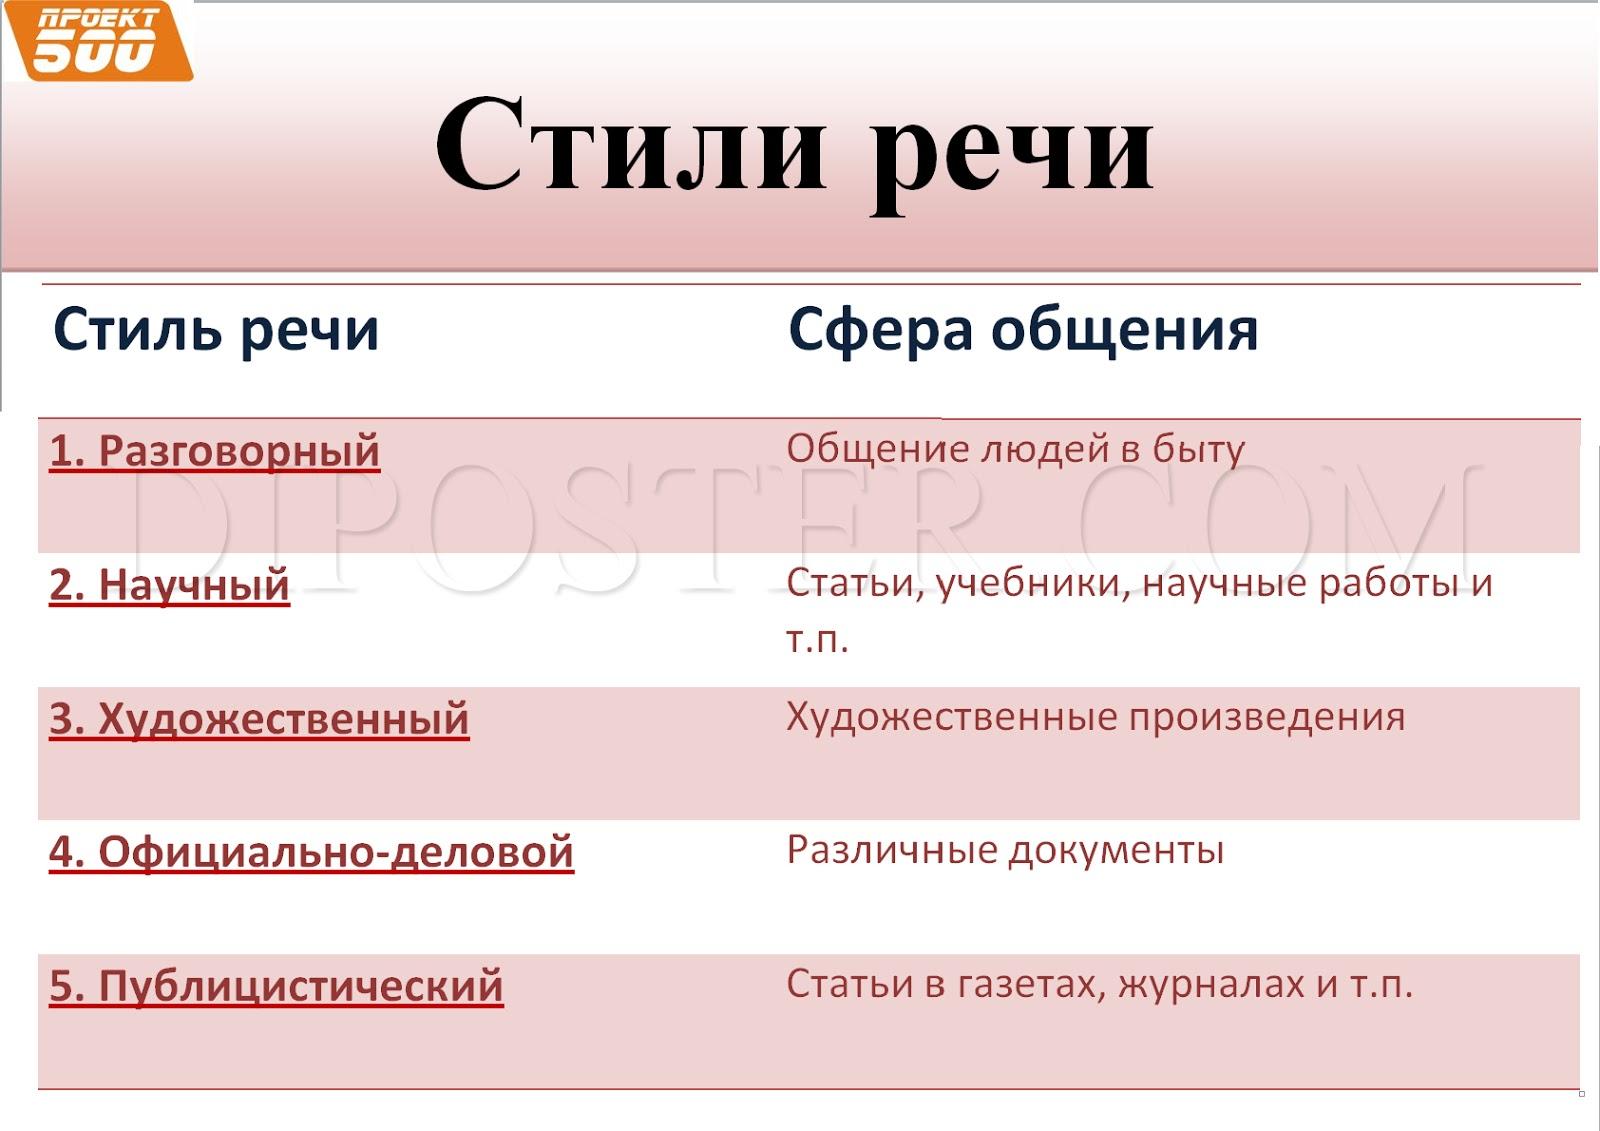 Контрольная работа Текст Стили речи Типы речи класс  Стили языка и речи контрольная работа